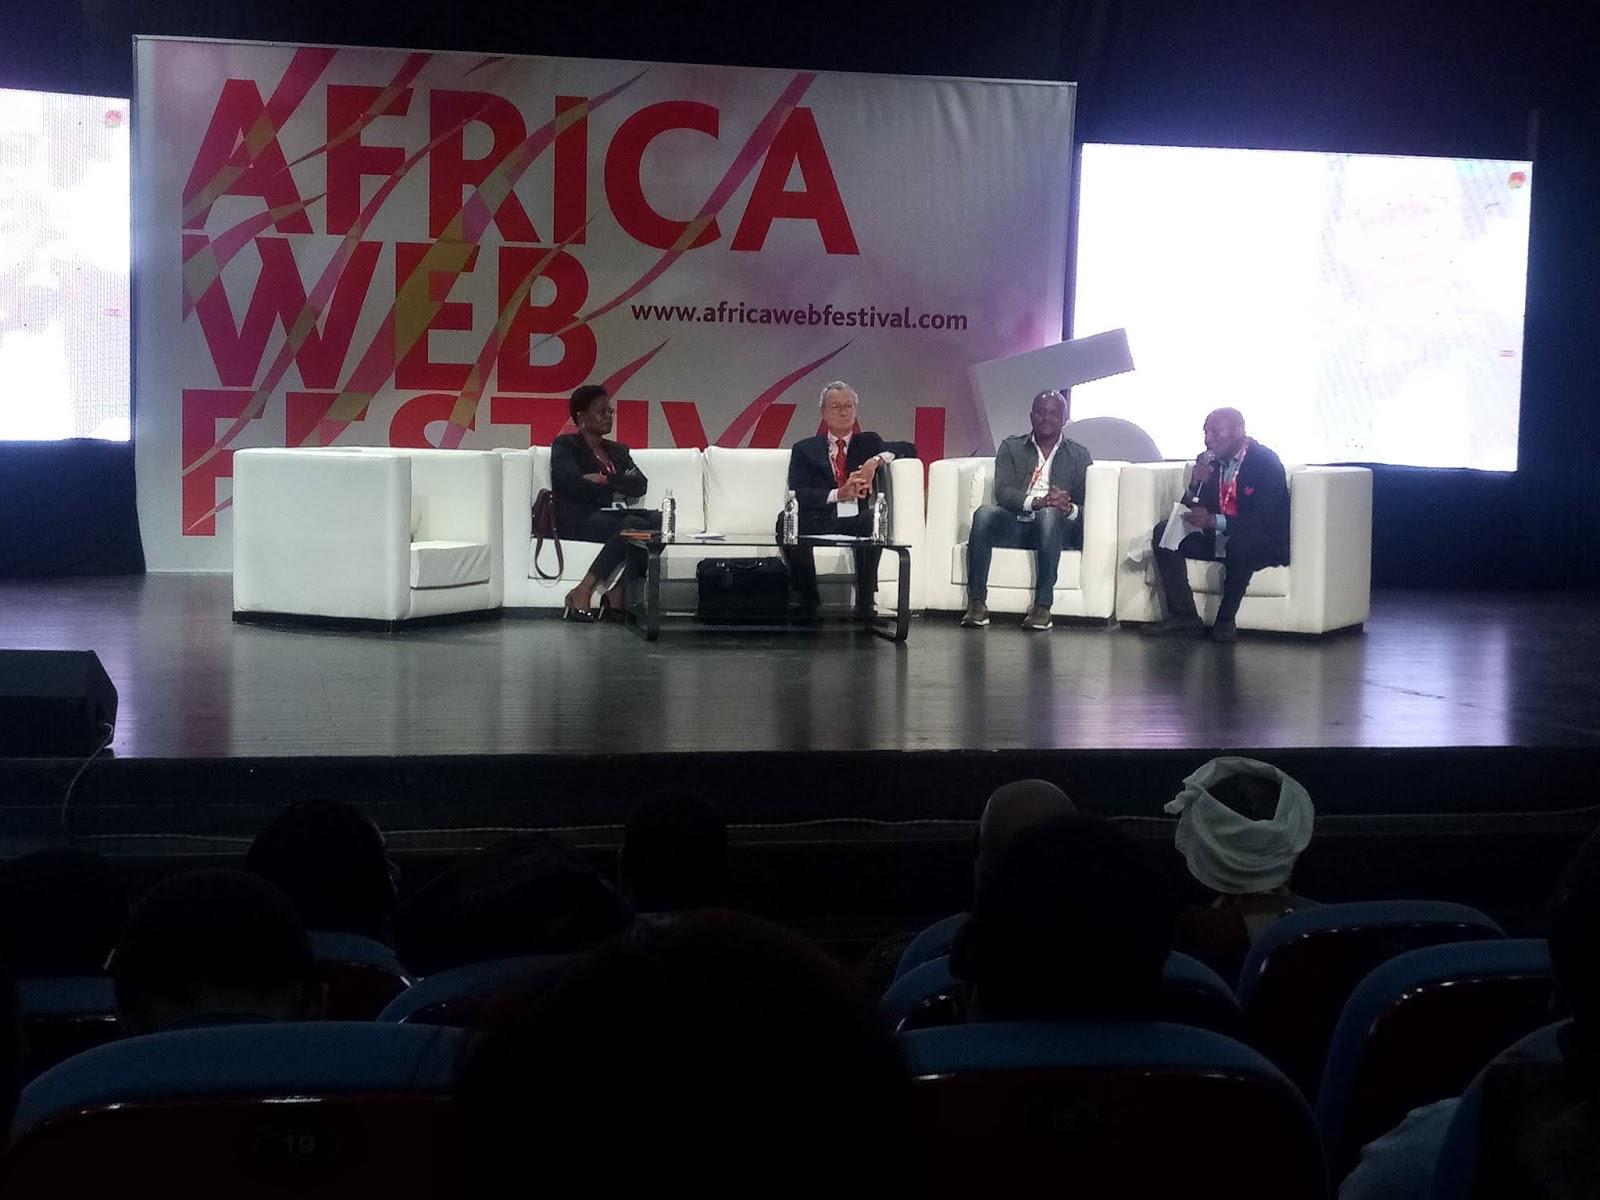 AFRICA WEB FESTIVAL 2018 :Première journée de la 5eme éditions de l''Africa web festival, l'Afrique 3.0 #AWF2018.